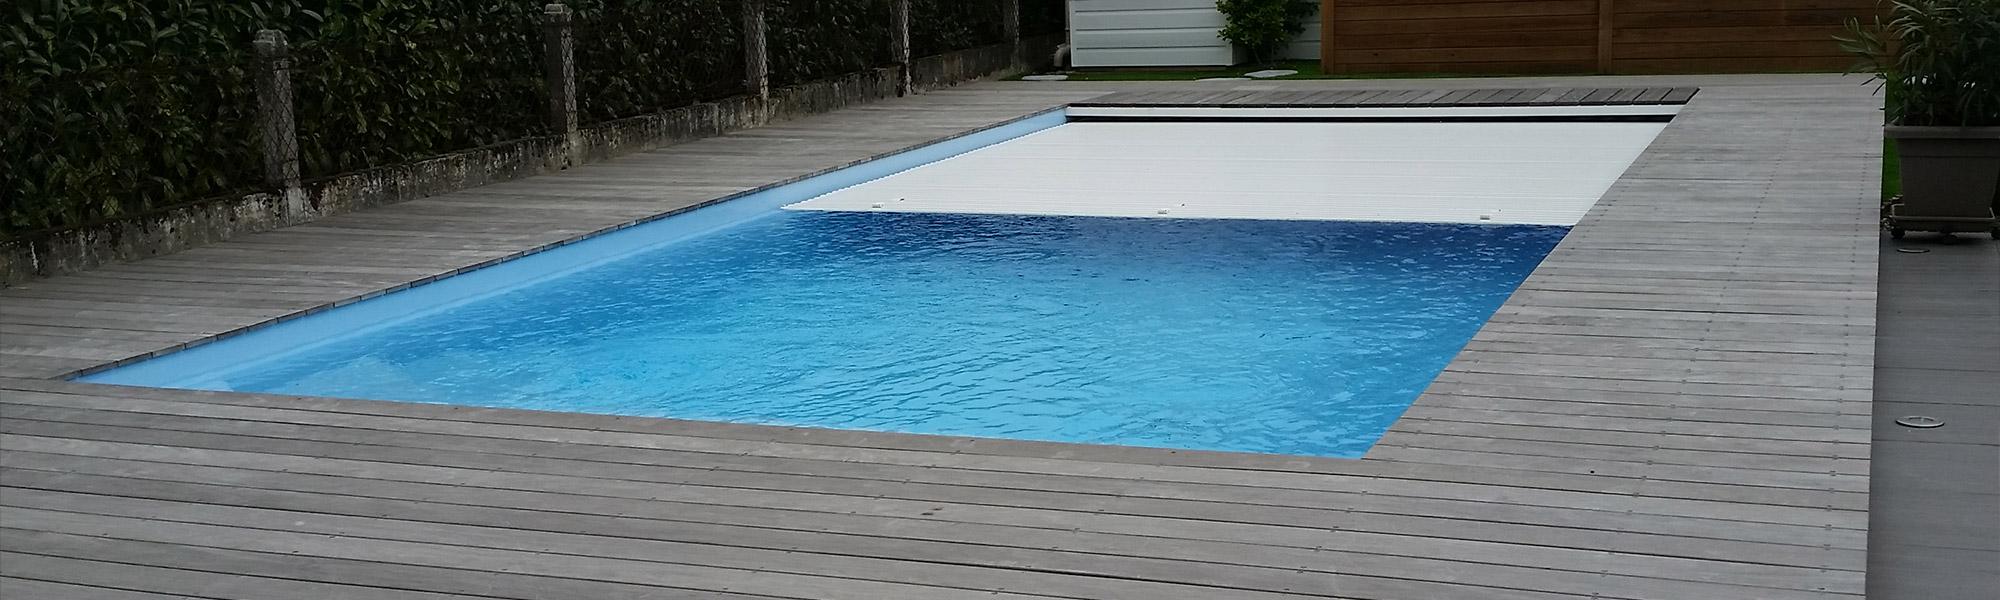 Piscine coque bordeaux d couvrez nos coques piscine en for Piscine la rochelle